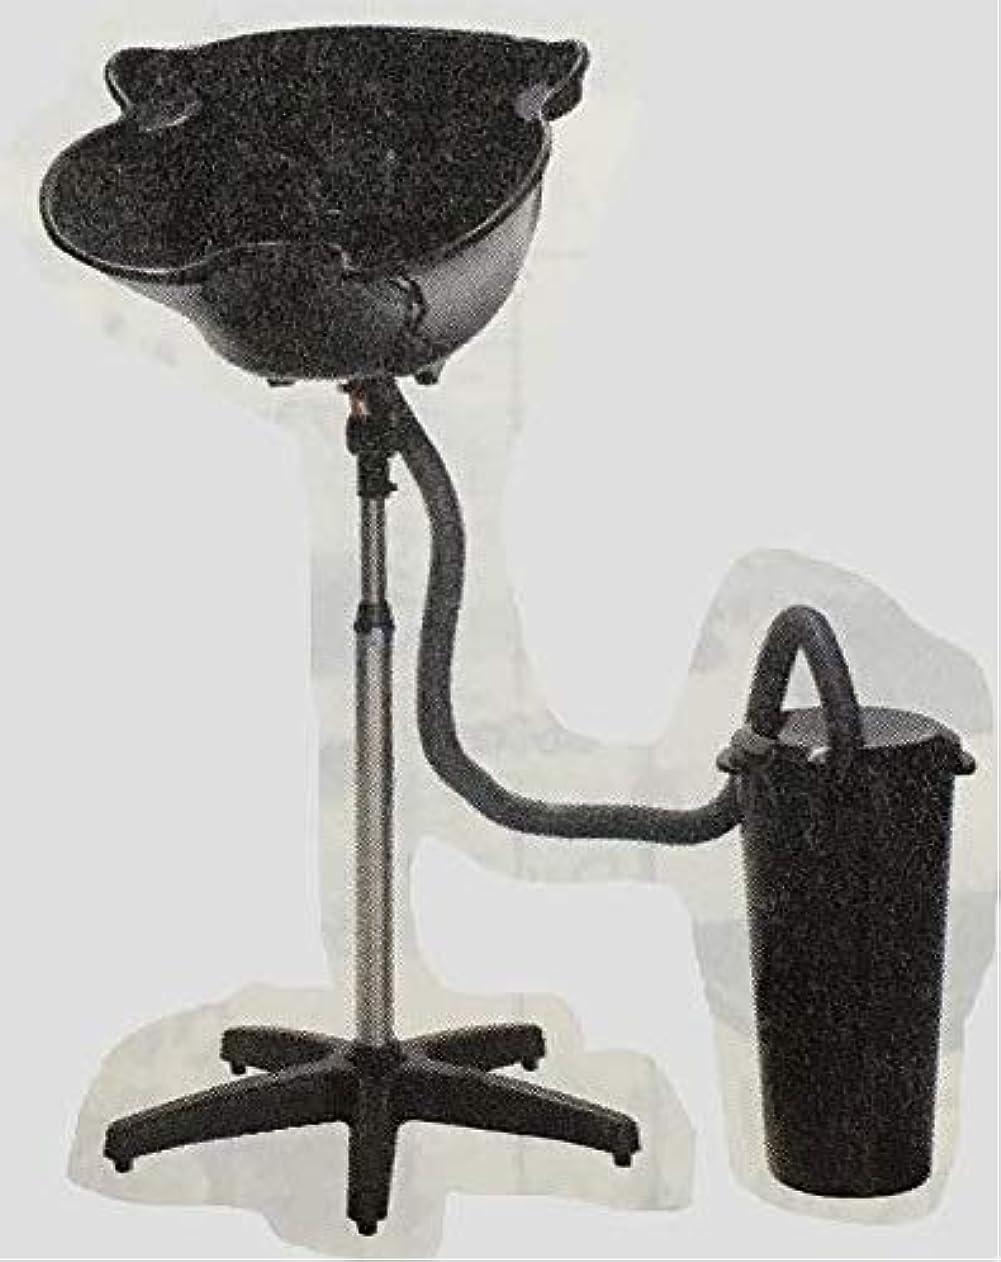 批判するひらめき義務付けられた簡易式シャンプー台 (排水バケツ付)